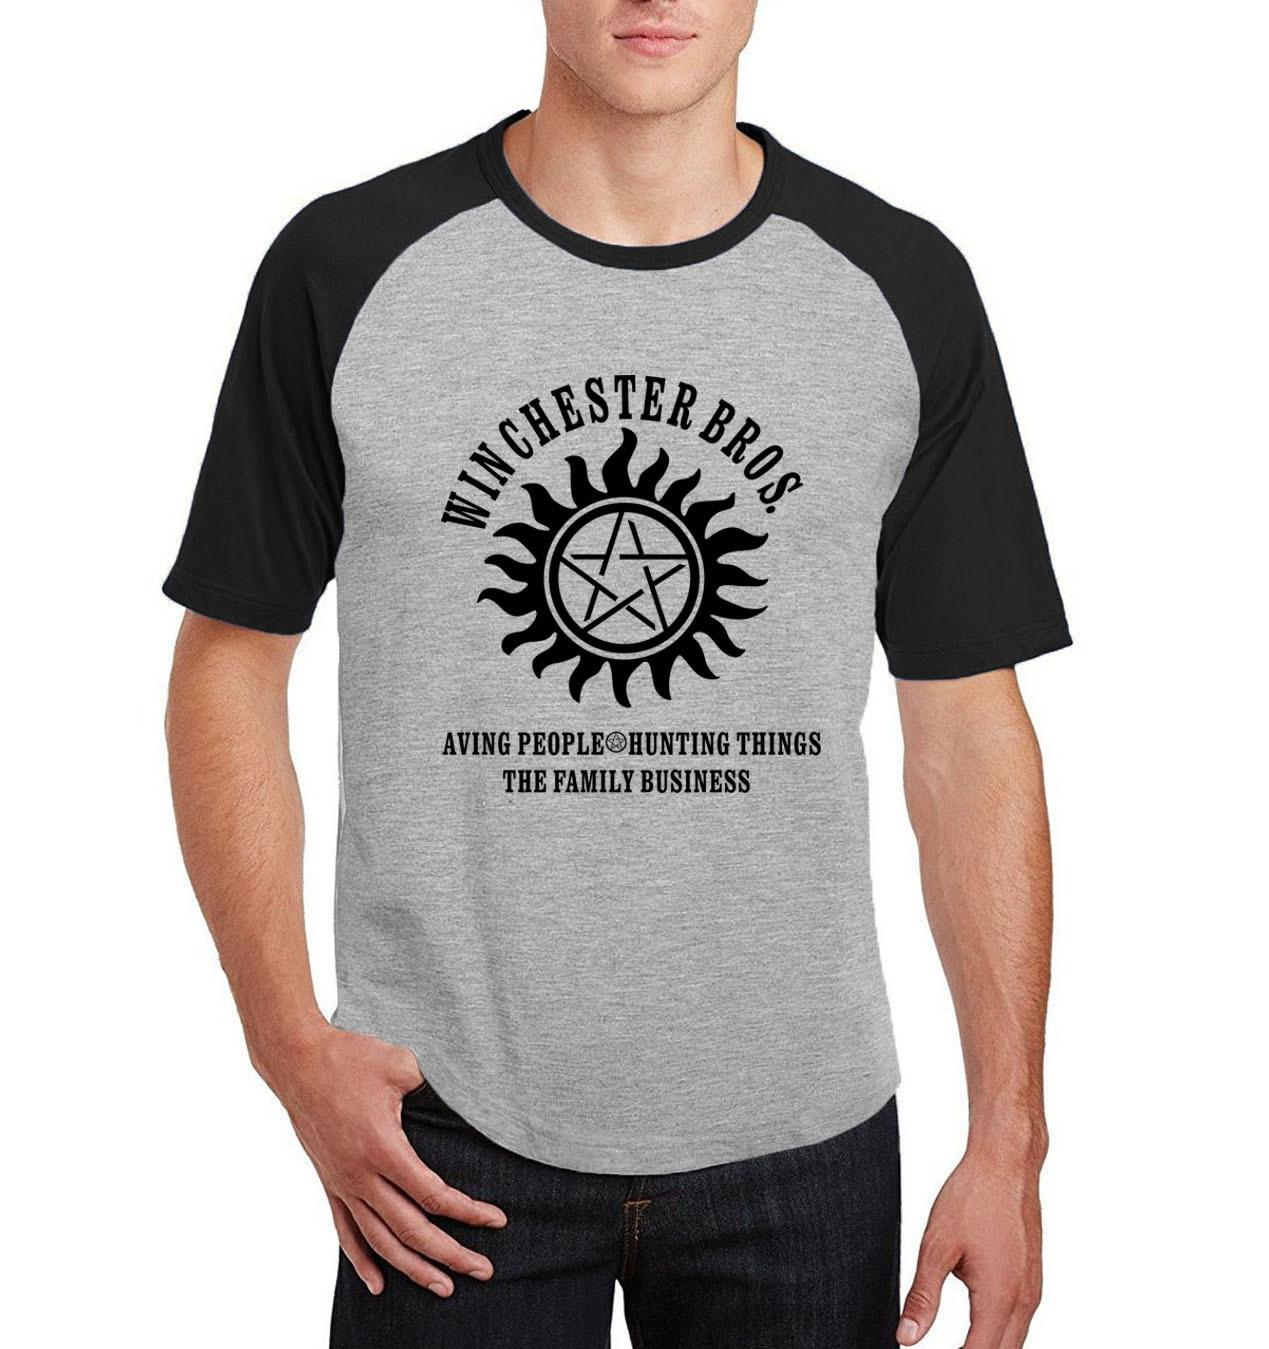 71bebe010f Los hombres de verano de 2019 negro blanco azul oscuro kpop raglan camiseta  harajuku hombres de manga corta camisetas de algodón de hip-hop ropa de  marca pp